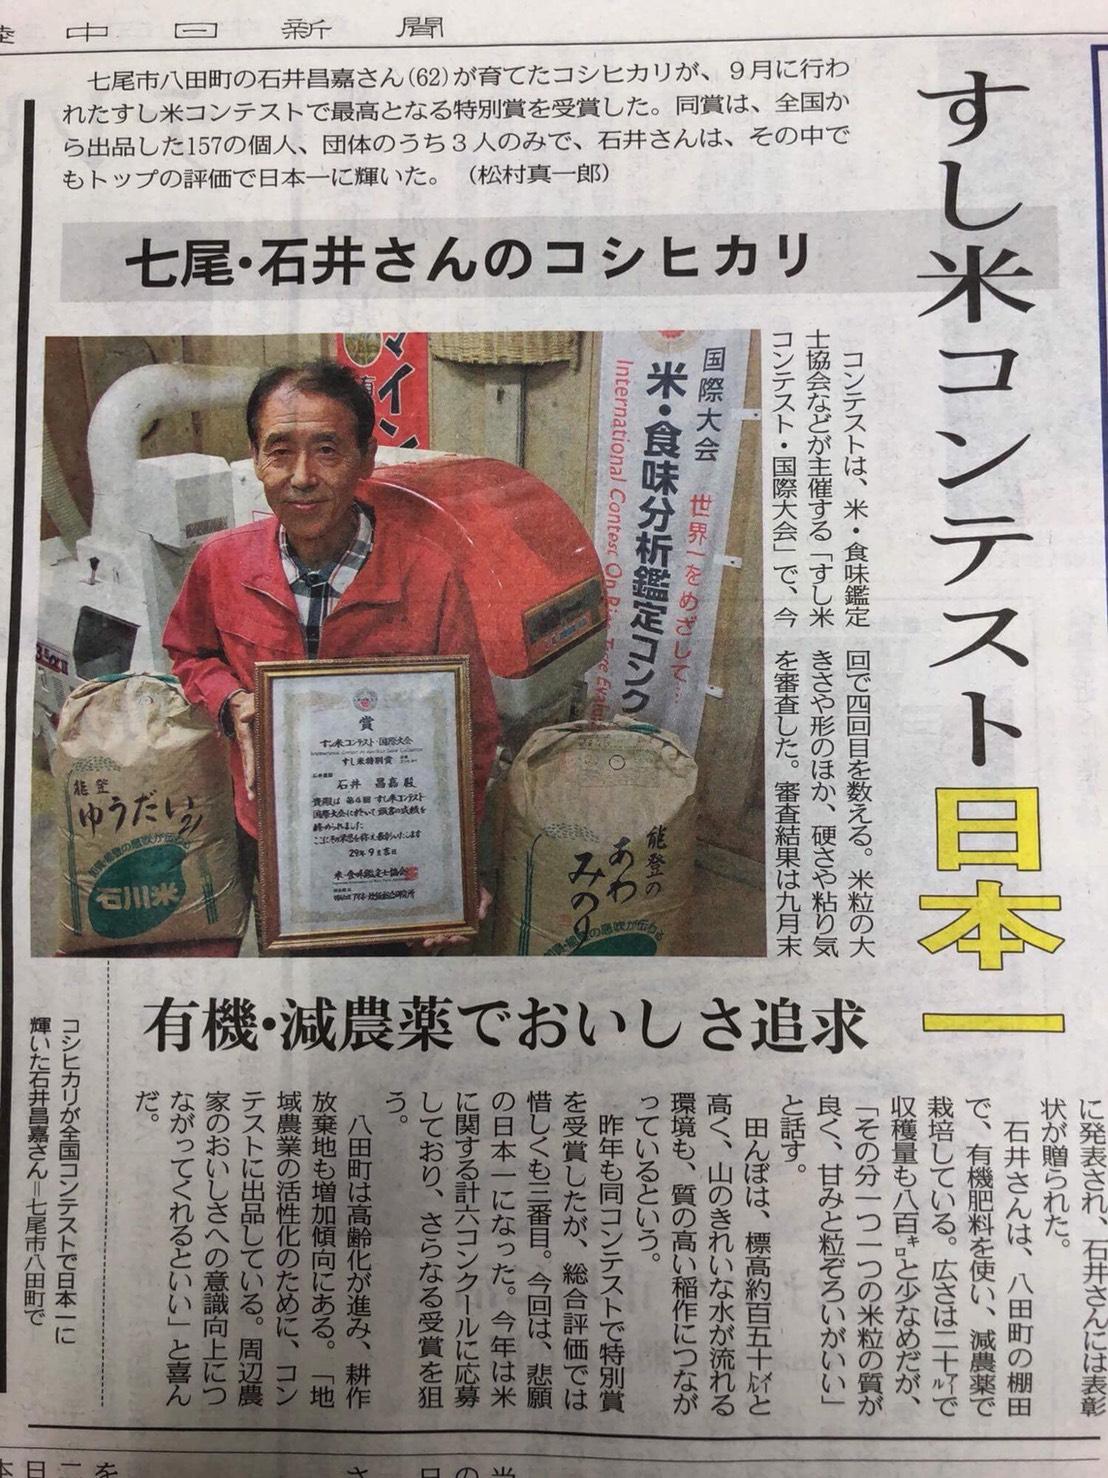 石井昌嘉新聞【かどや米穀店】